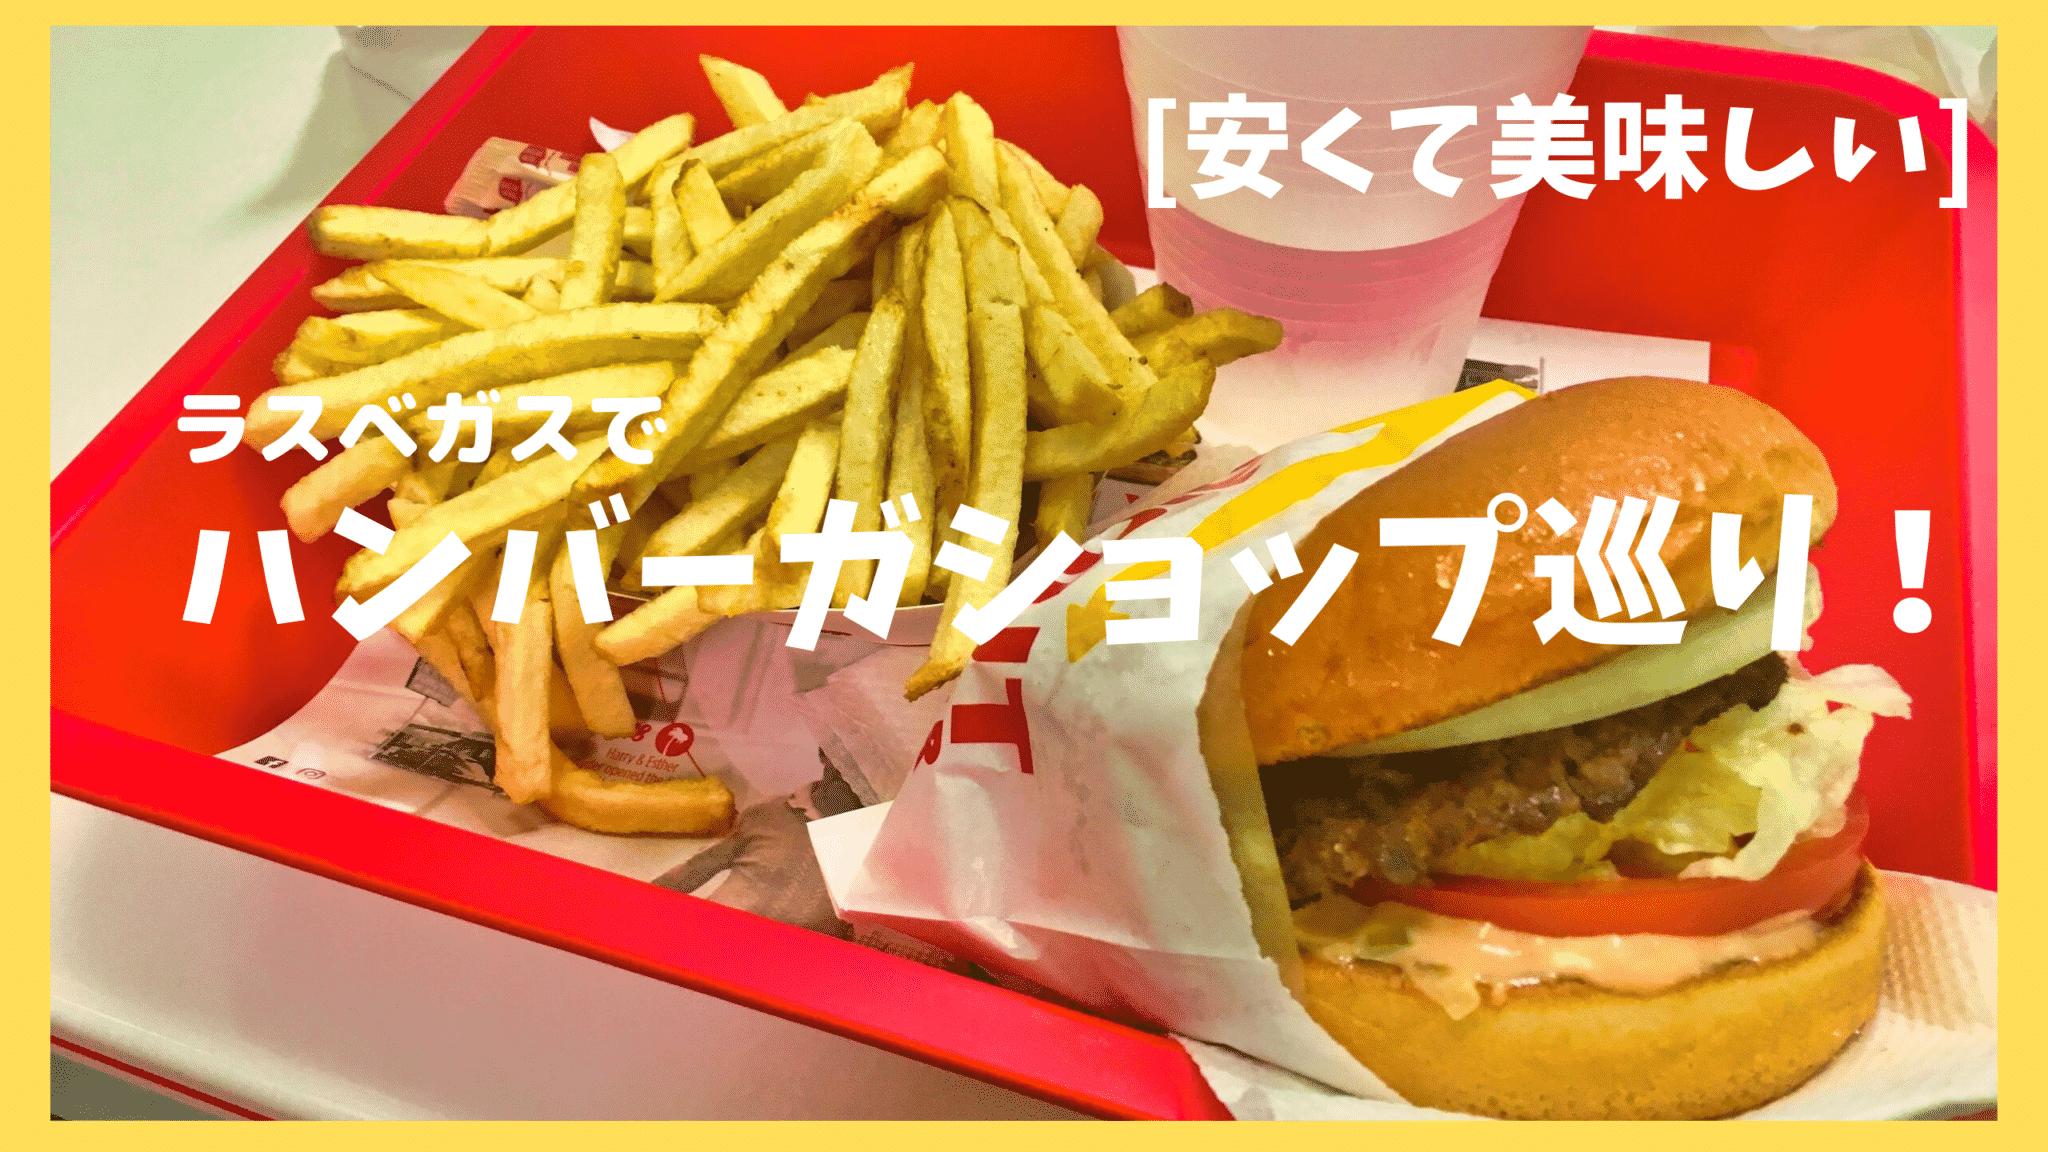 ショップ ハンバーガー